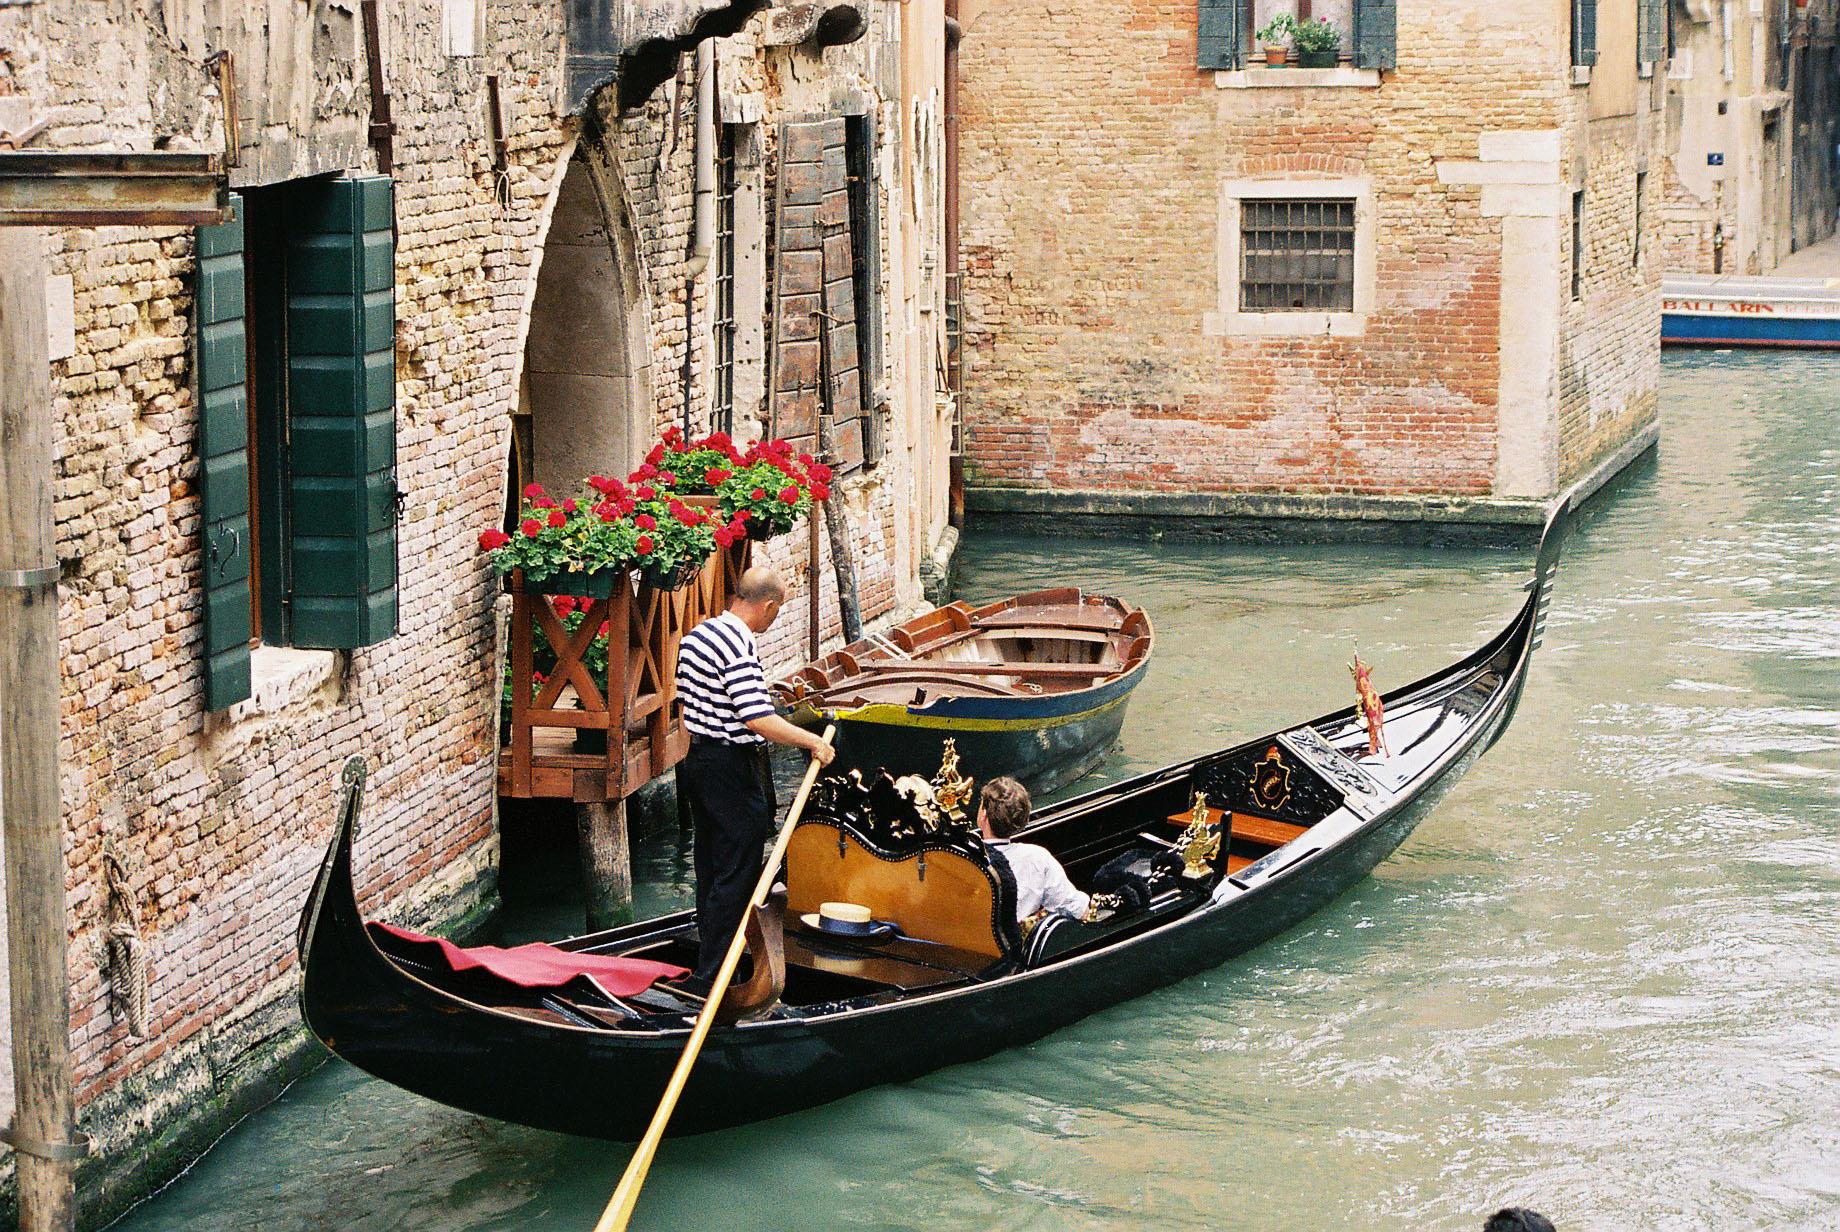 италия лодки картинки смотря то, что